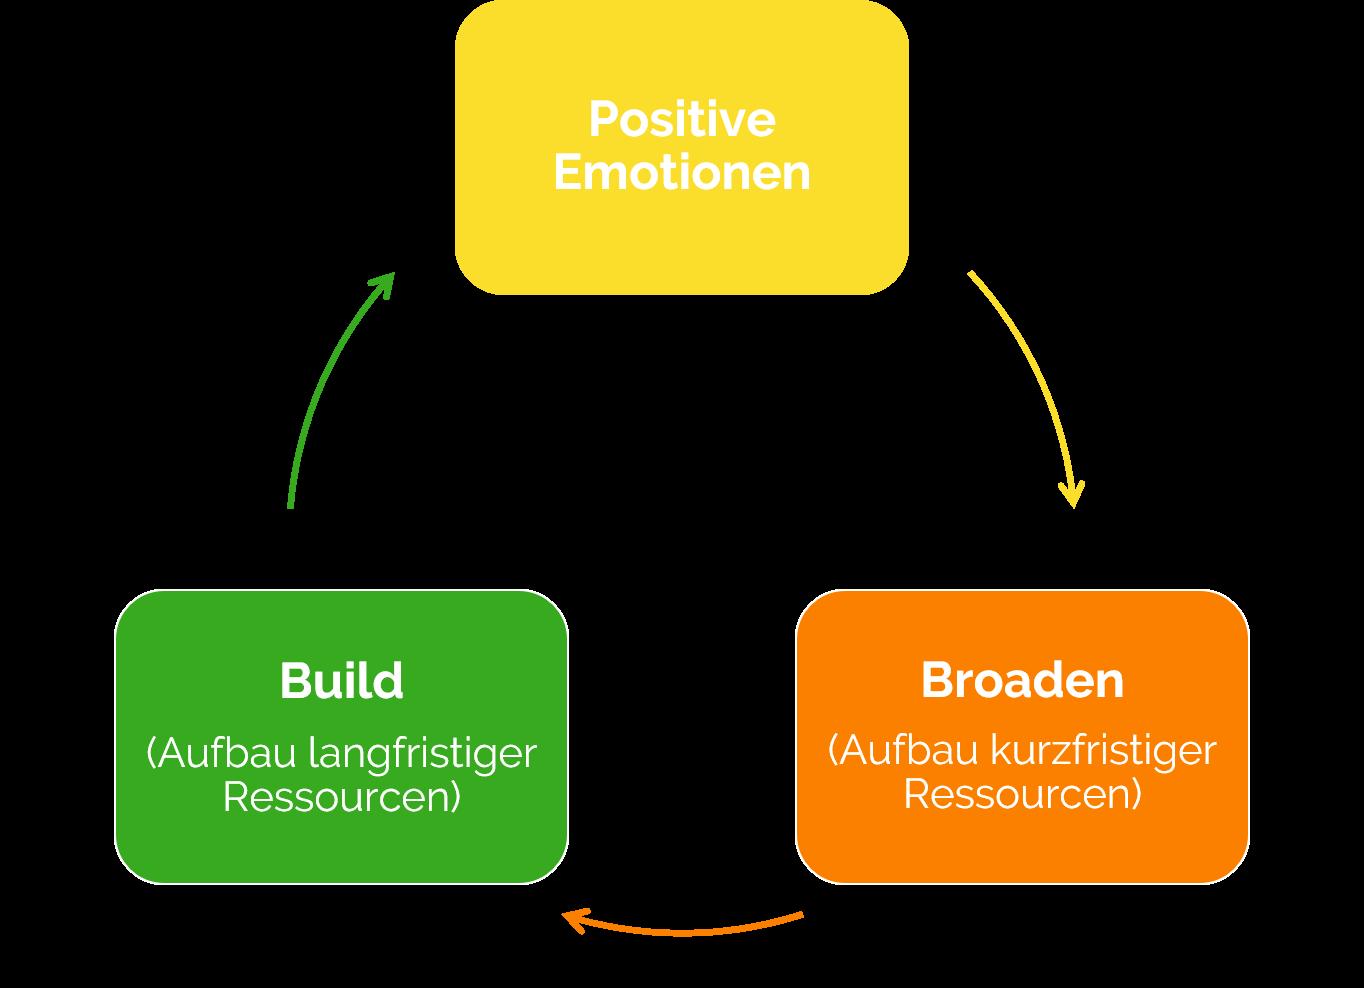 Broaden-and-Build-Theorie